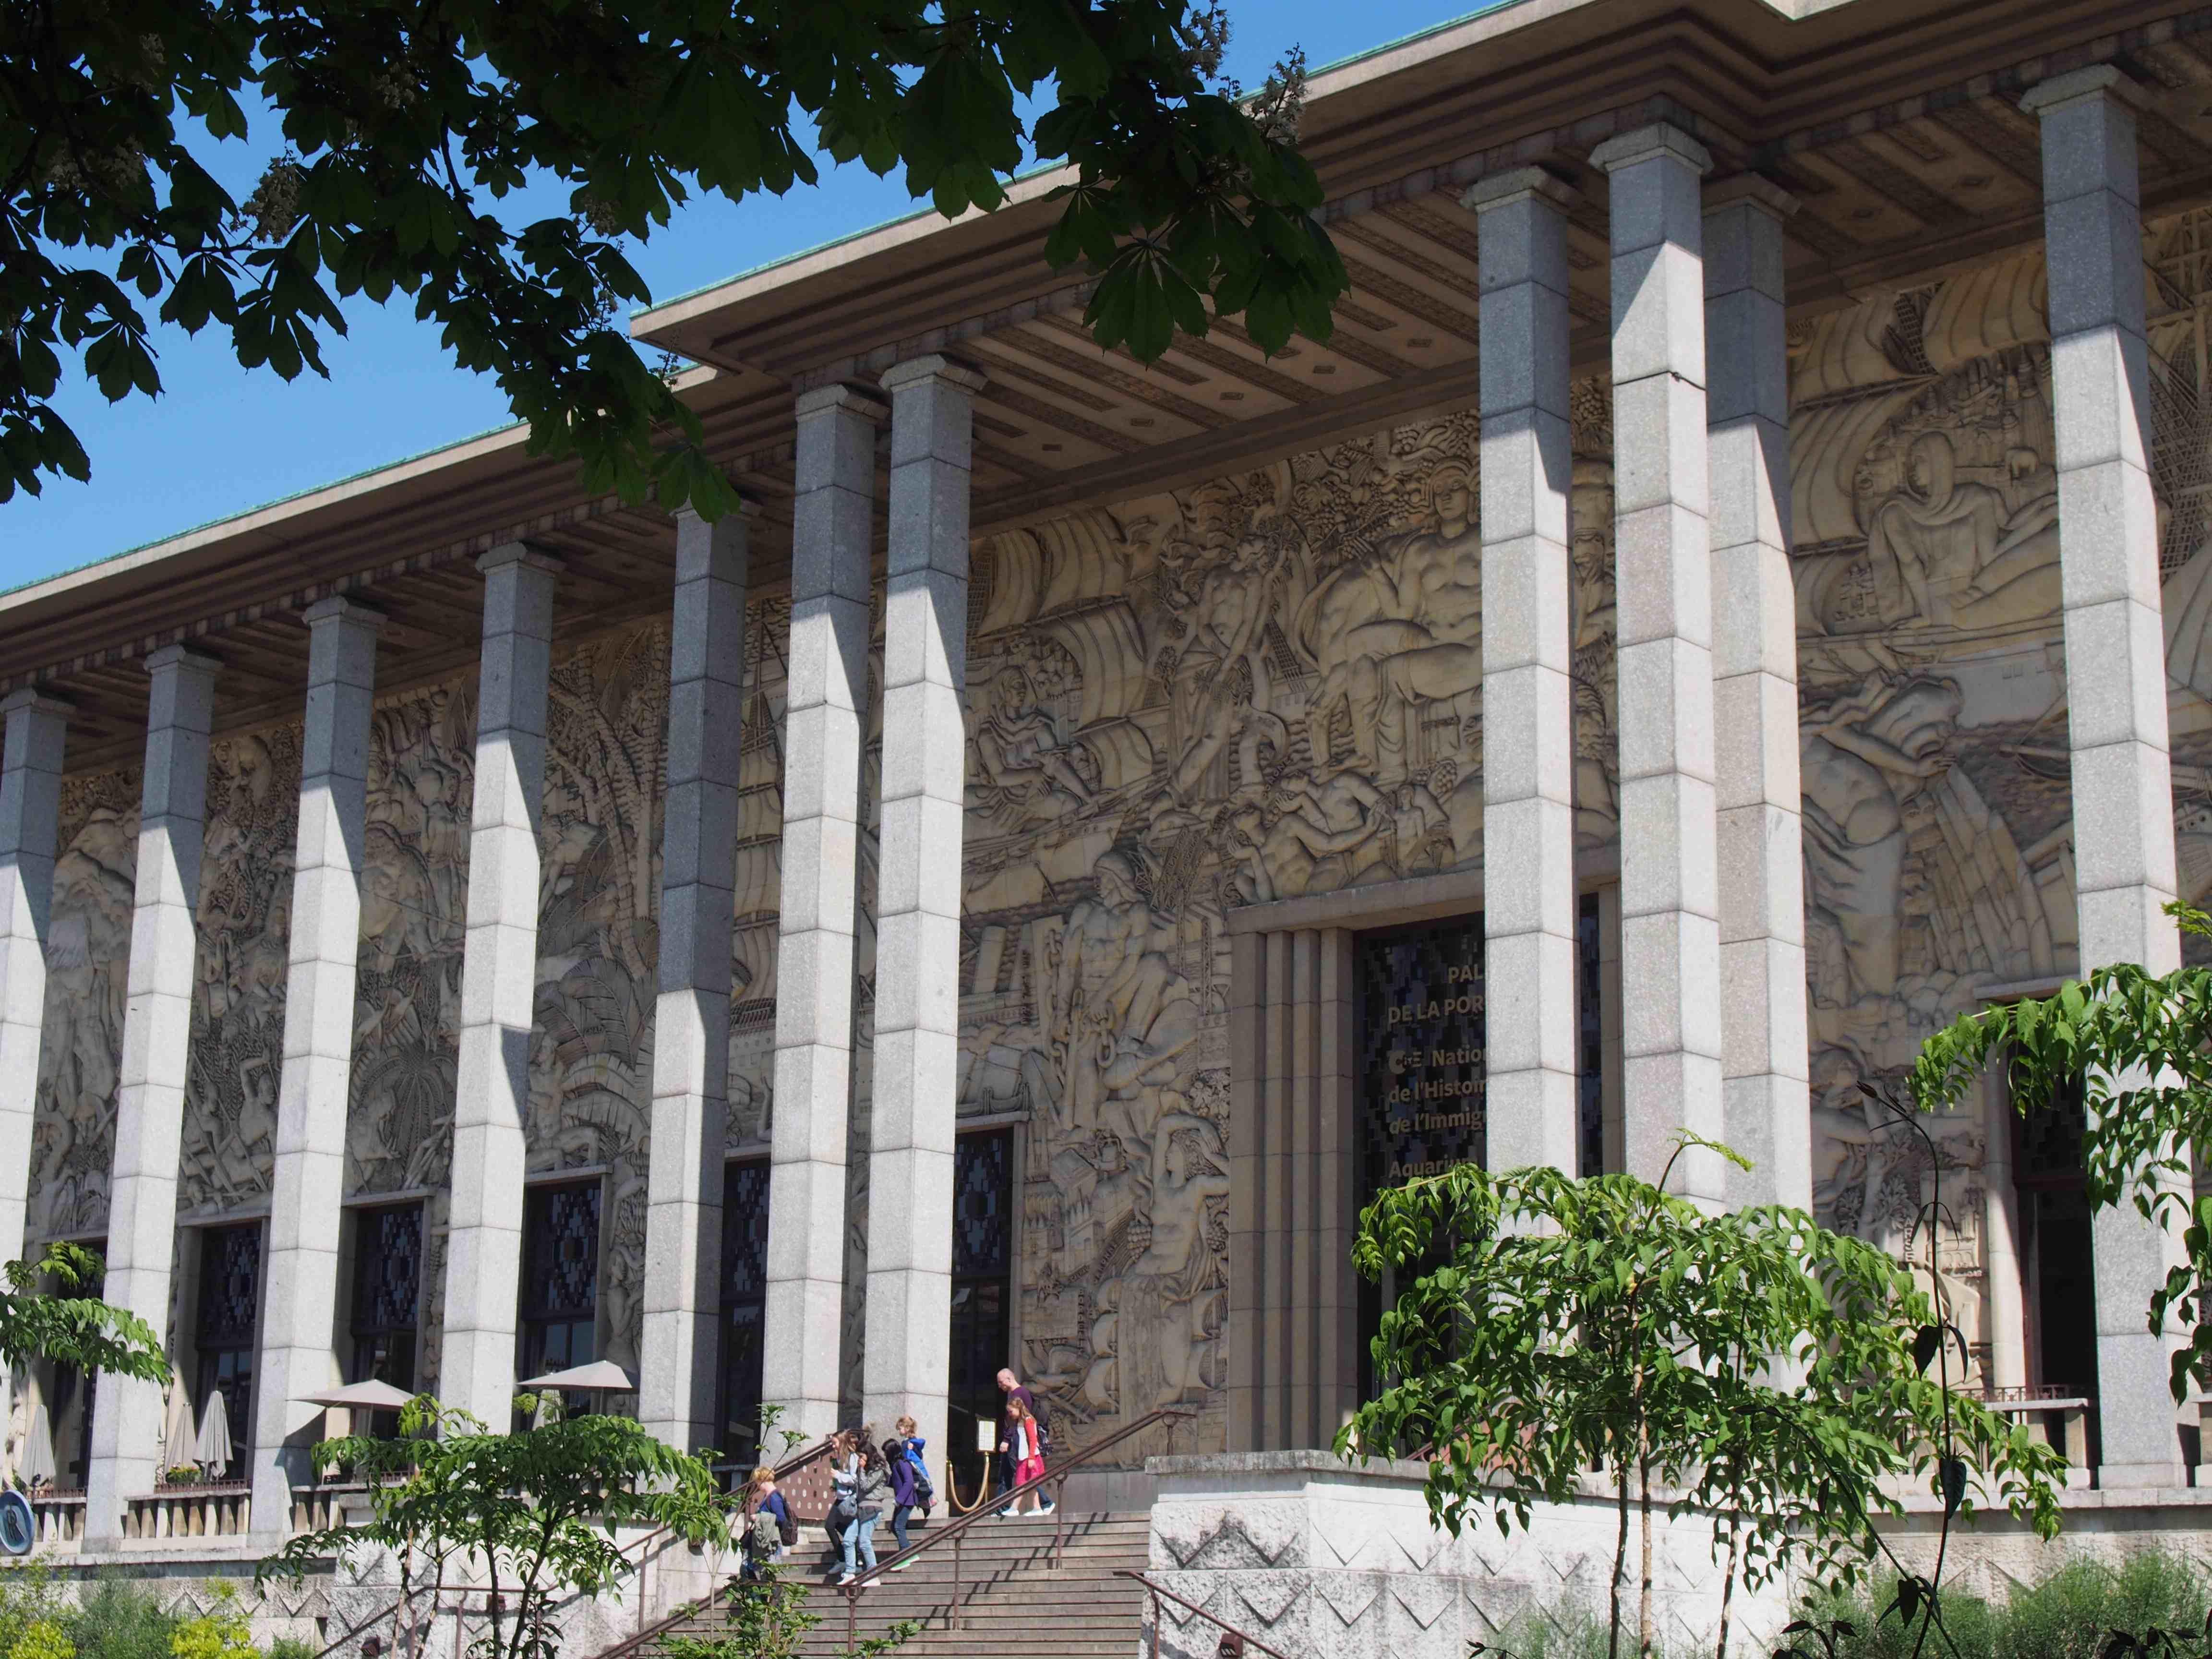 Palais de la Porte Dorée - Musée national de l'histoire de l'immigration - Aquarium tropical